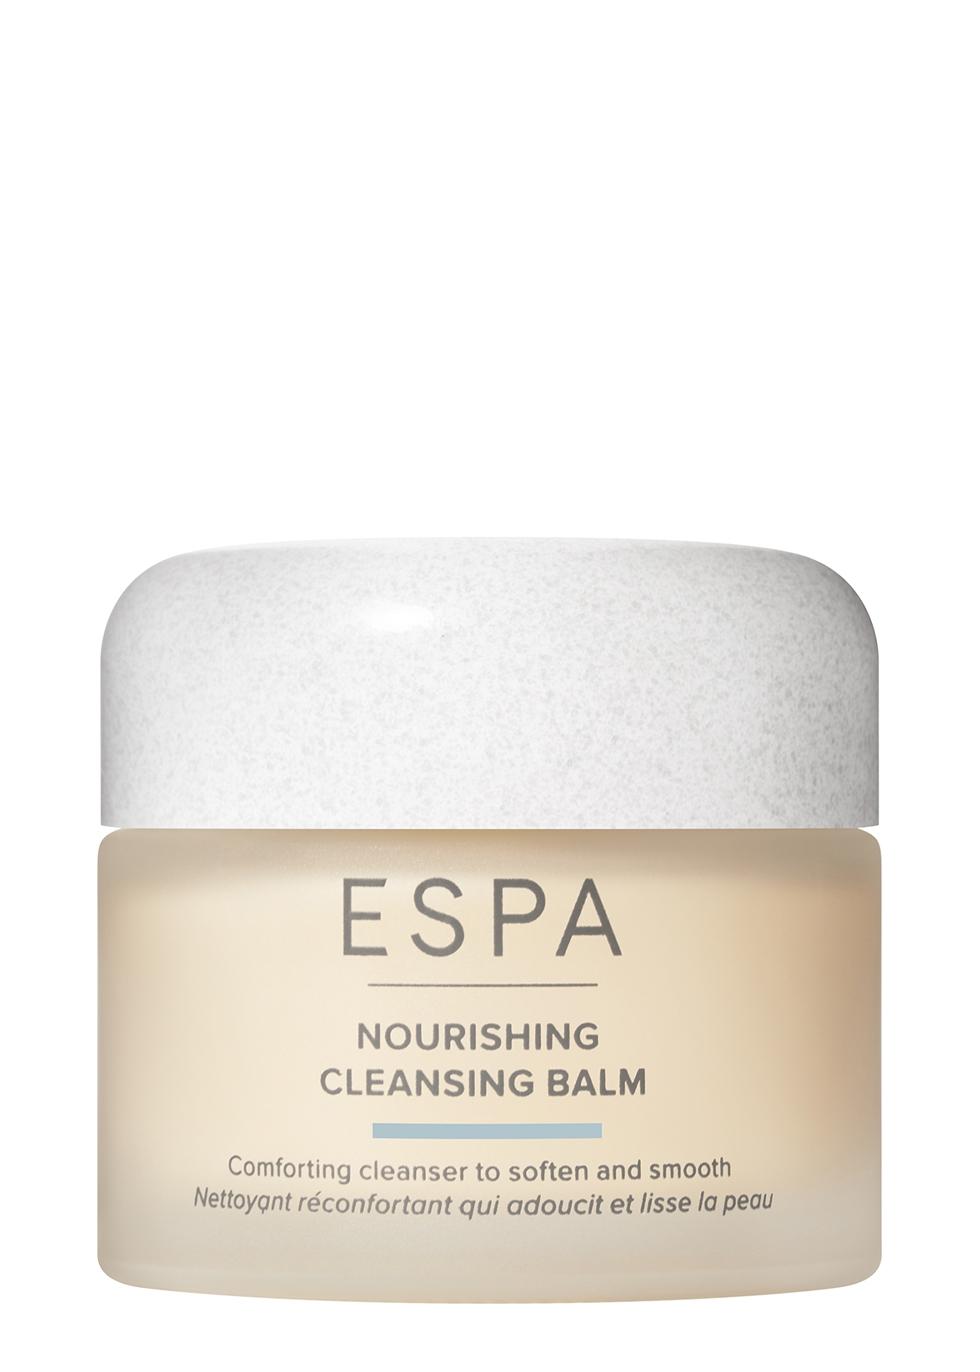 Nourishing Cleansing Balm 55ml